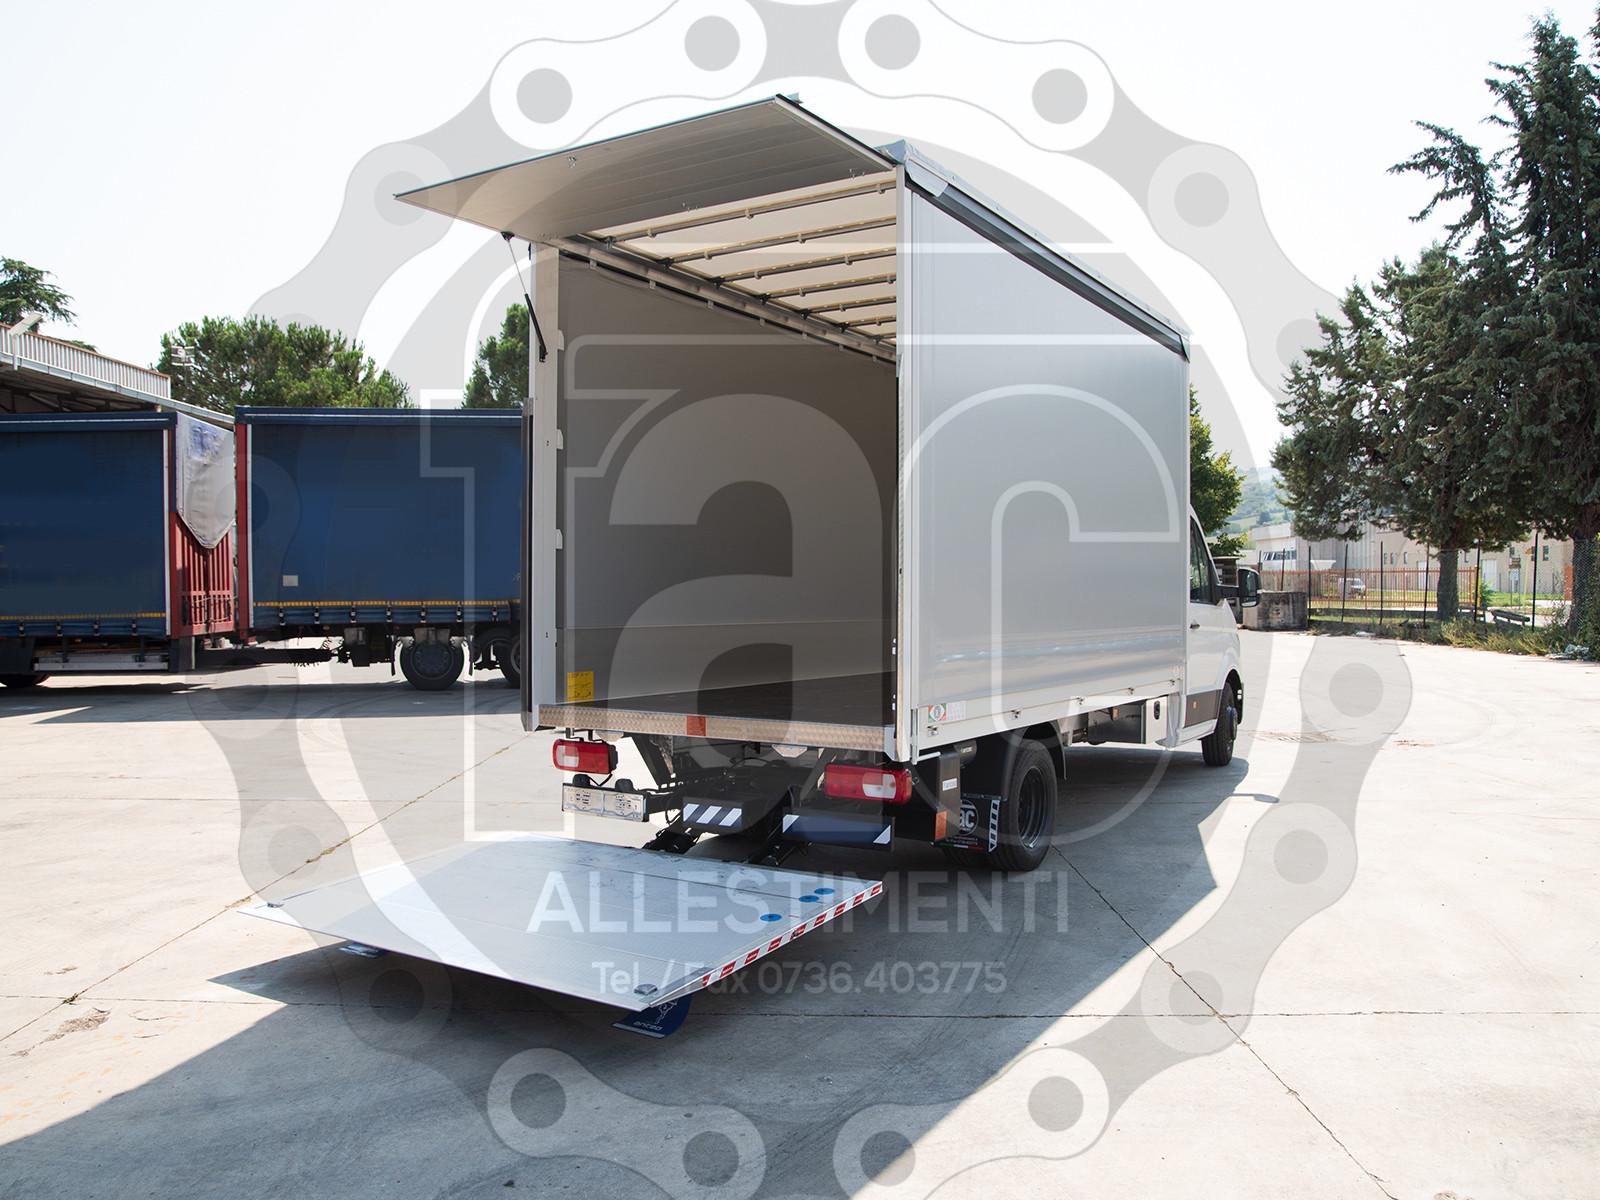 Realizzazione di furgone in alluminio 3